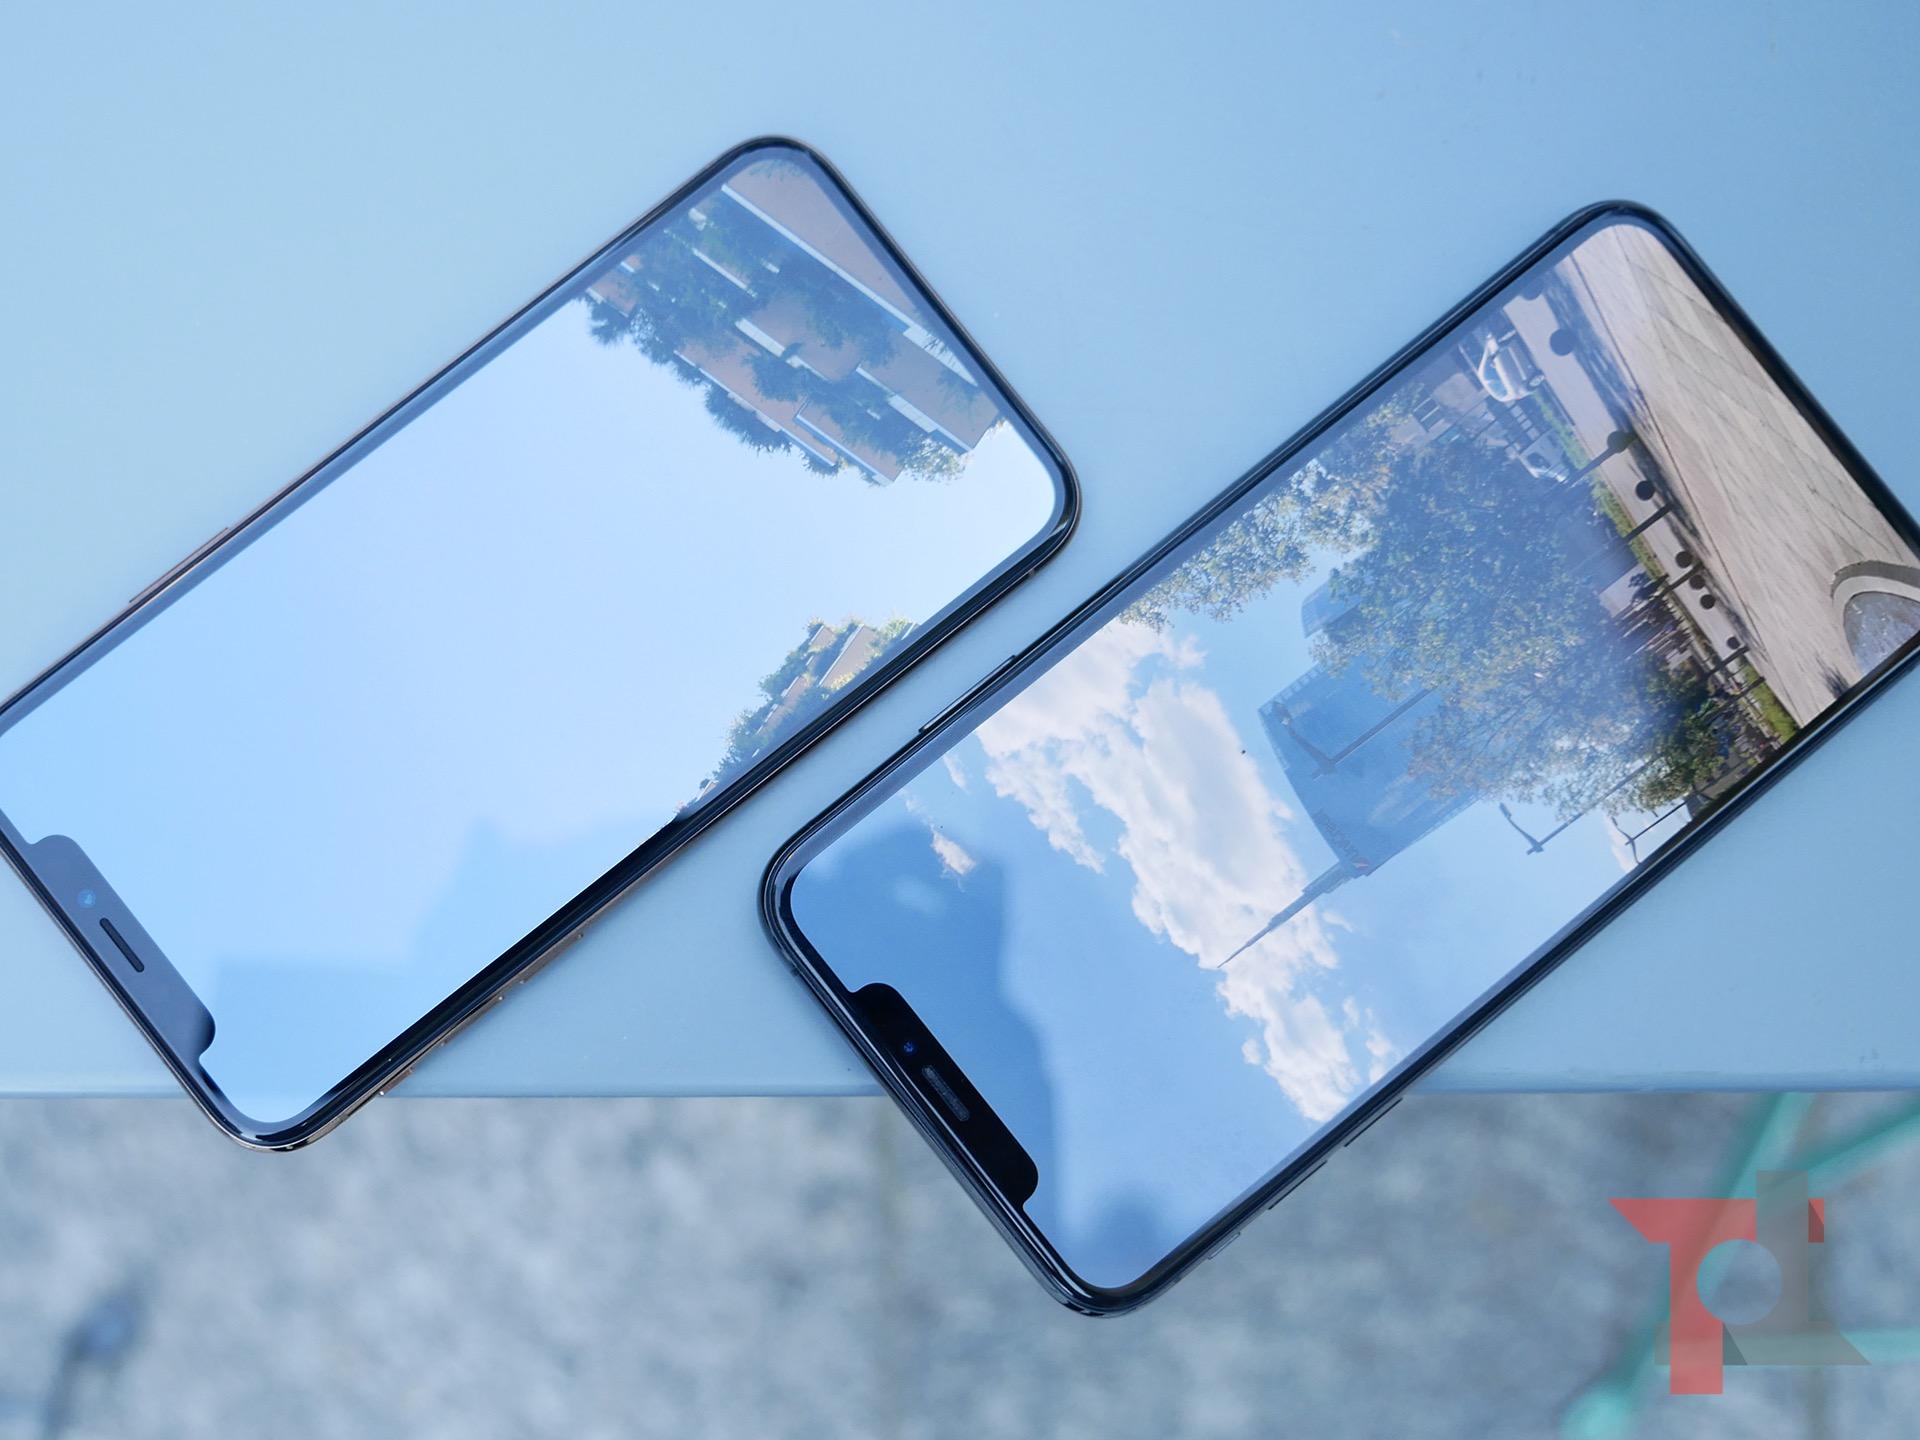 Recensione iPhone Xs Max e iPhone Xs: i giusti miglioramenti per una variante S 3